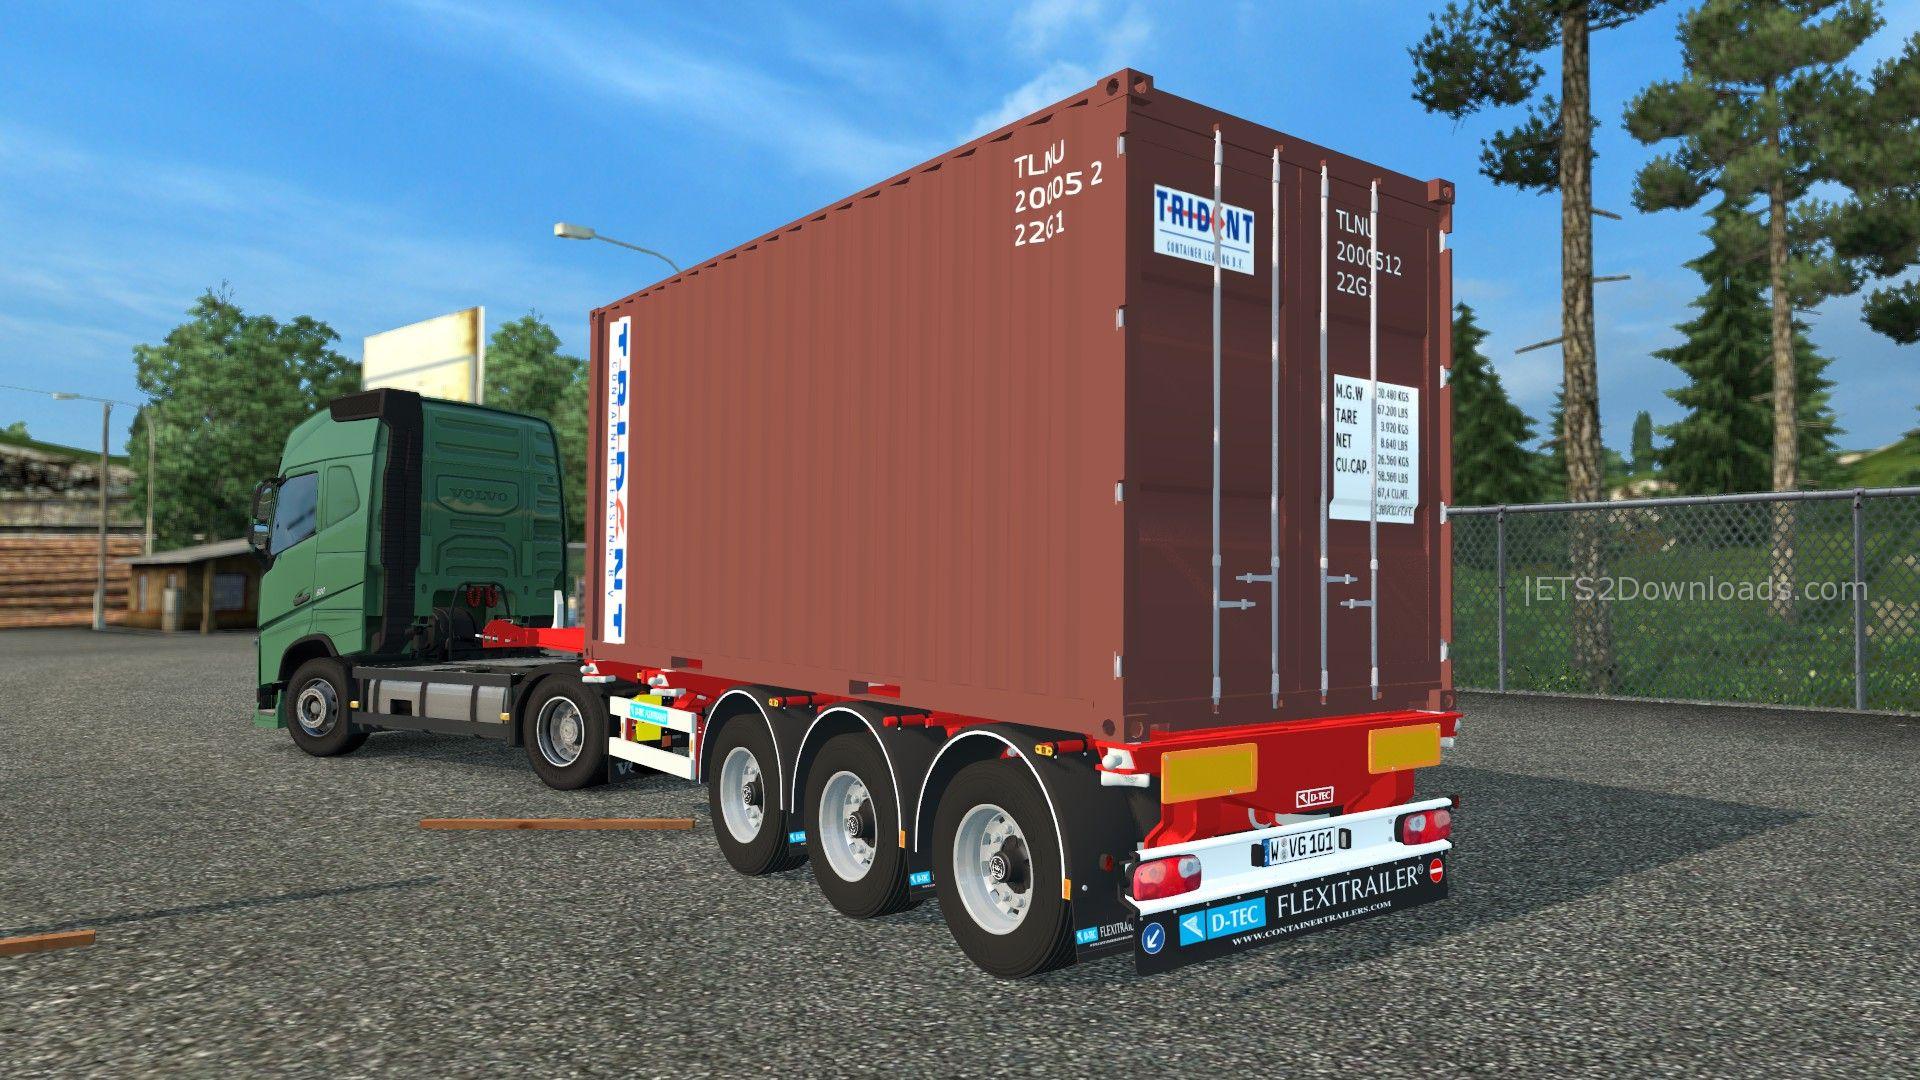 d-tec-flexi-trailer-1